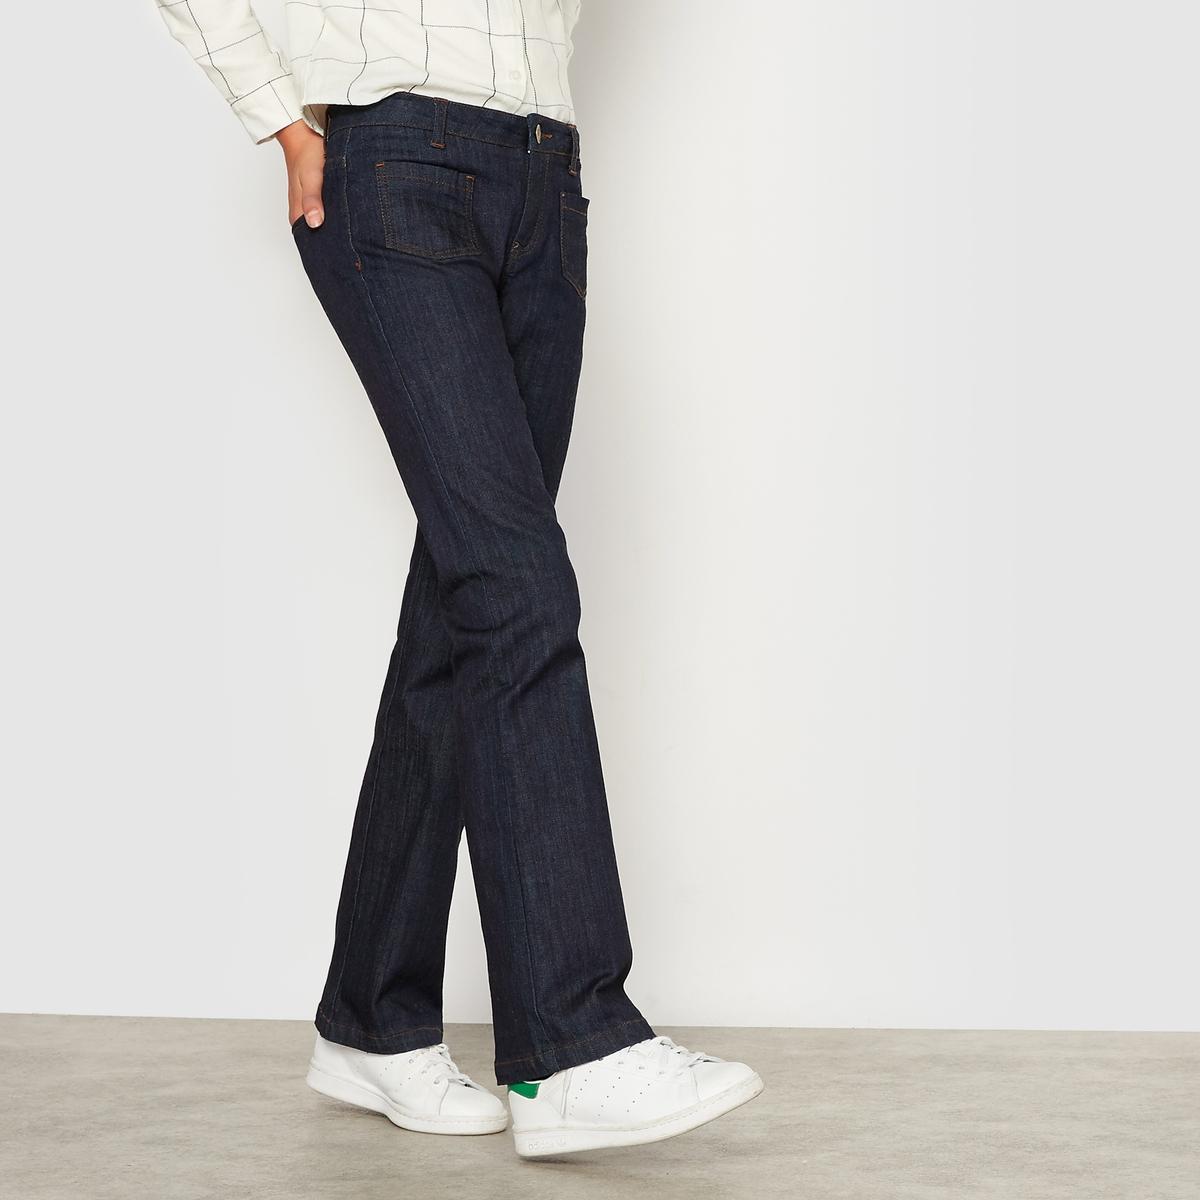 Джинсы расклешенные на 10-16 лет джинсы расклешенные длина 34